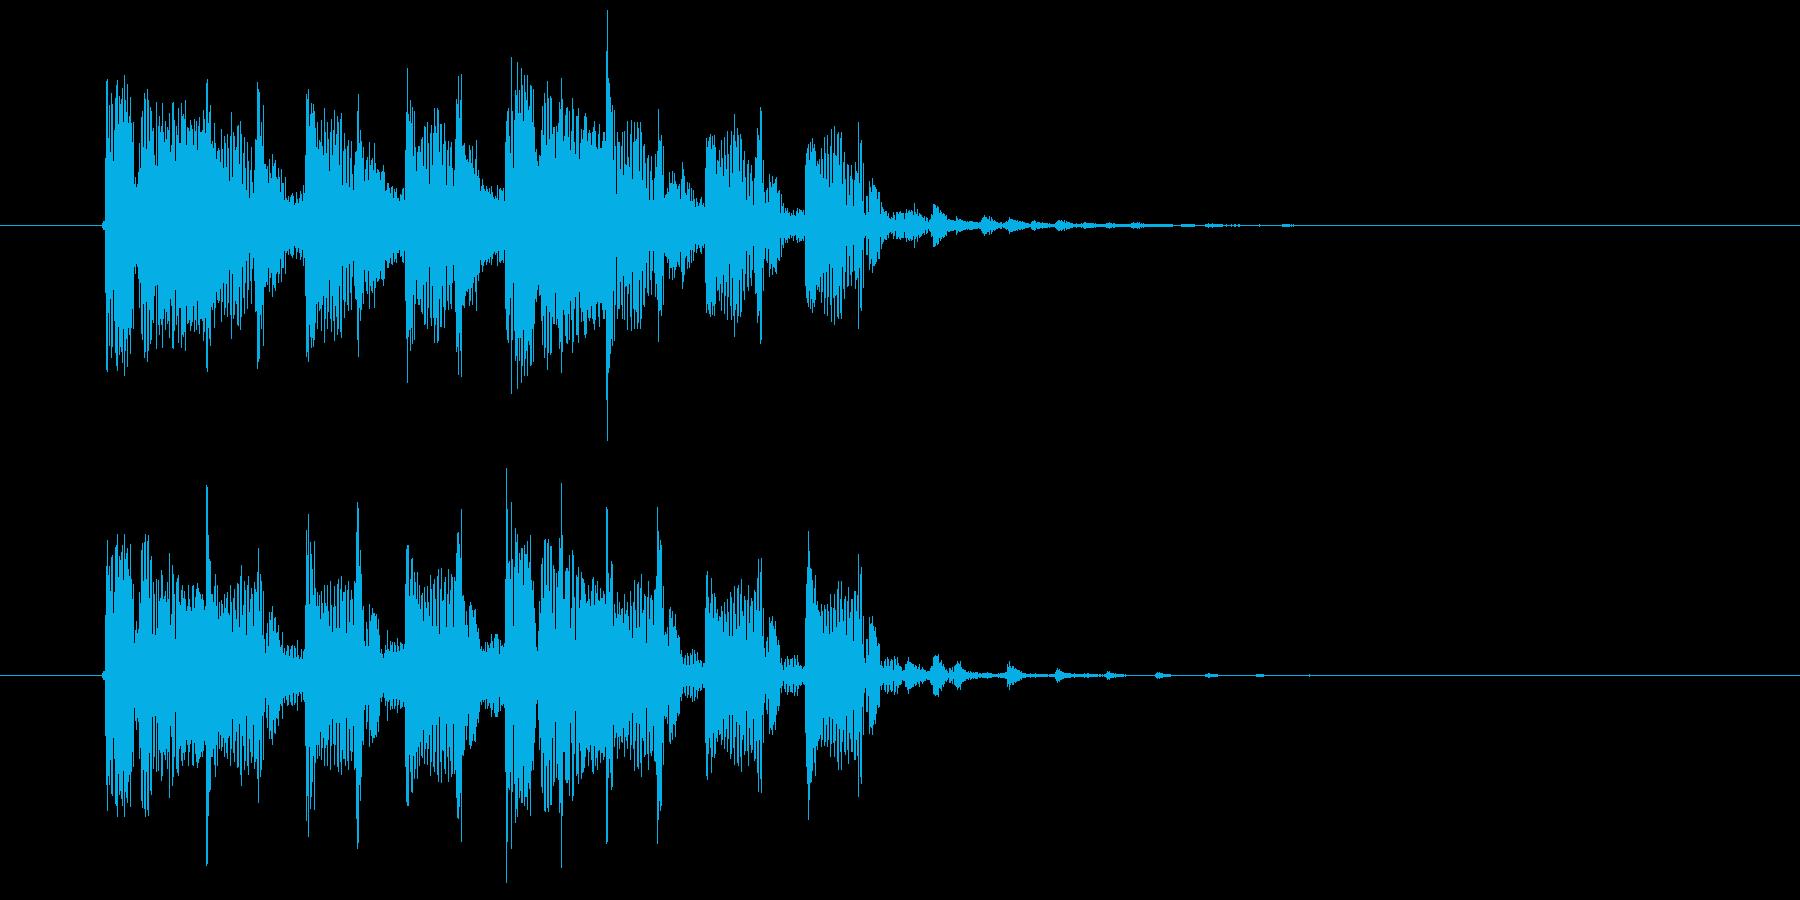 神秘的でリズミカルなテクノポップジングルの再生済みの波形